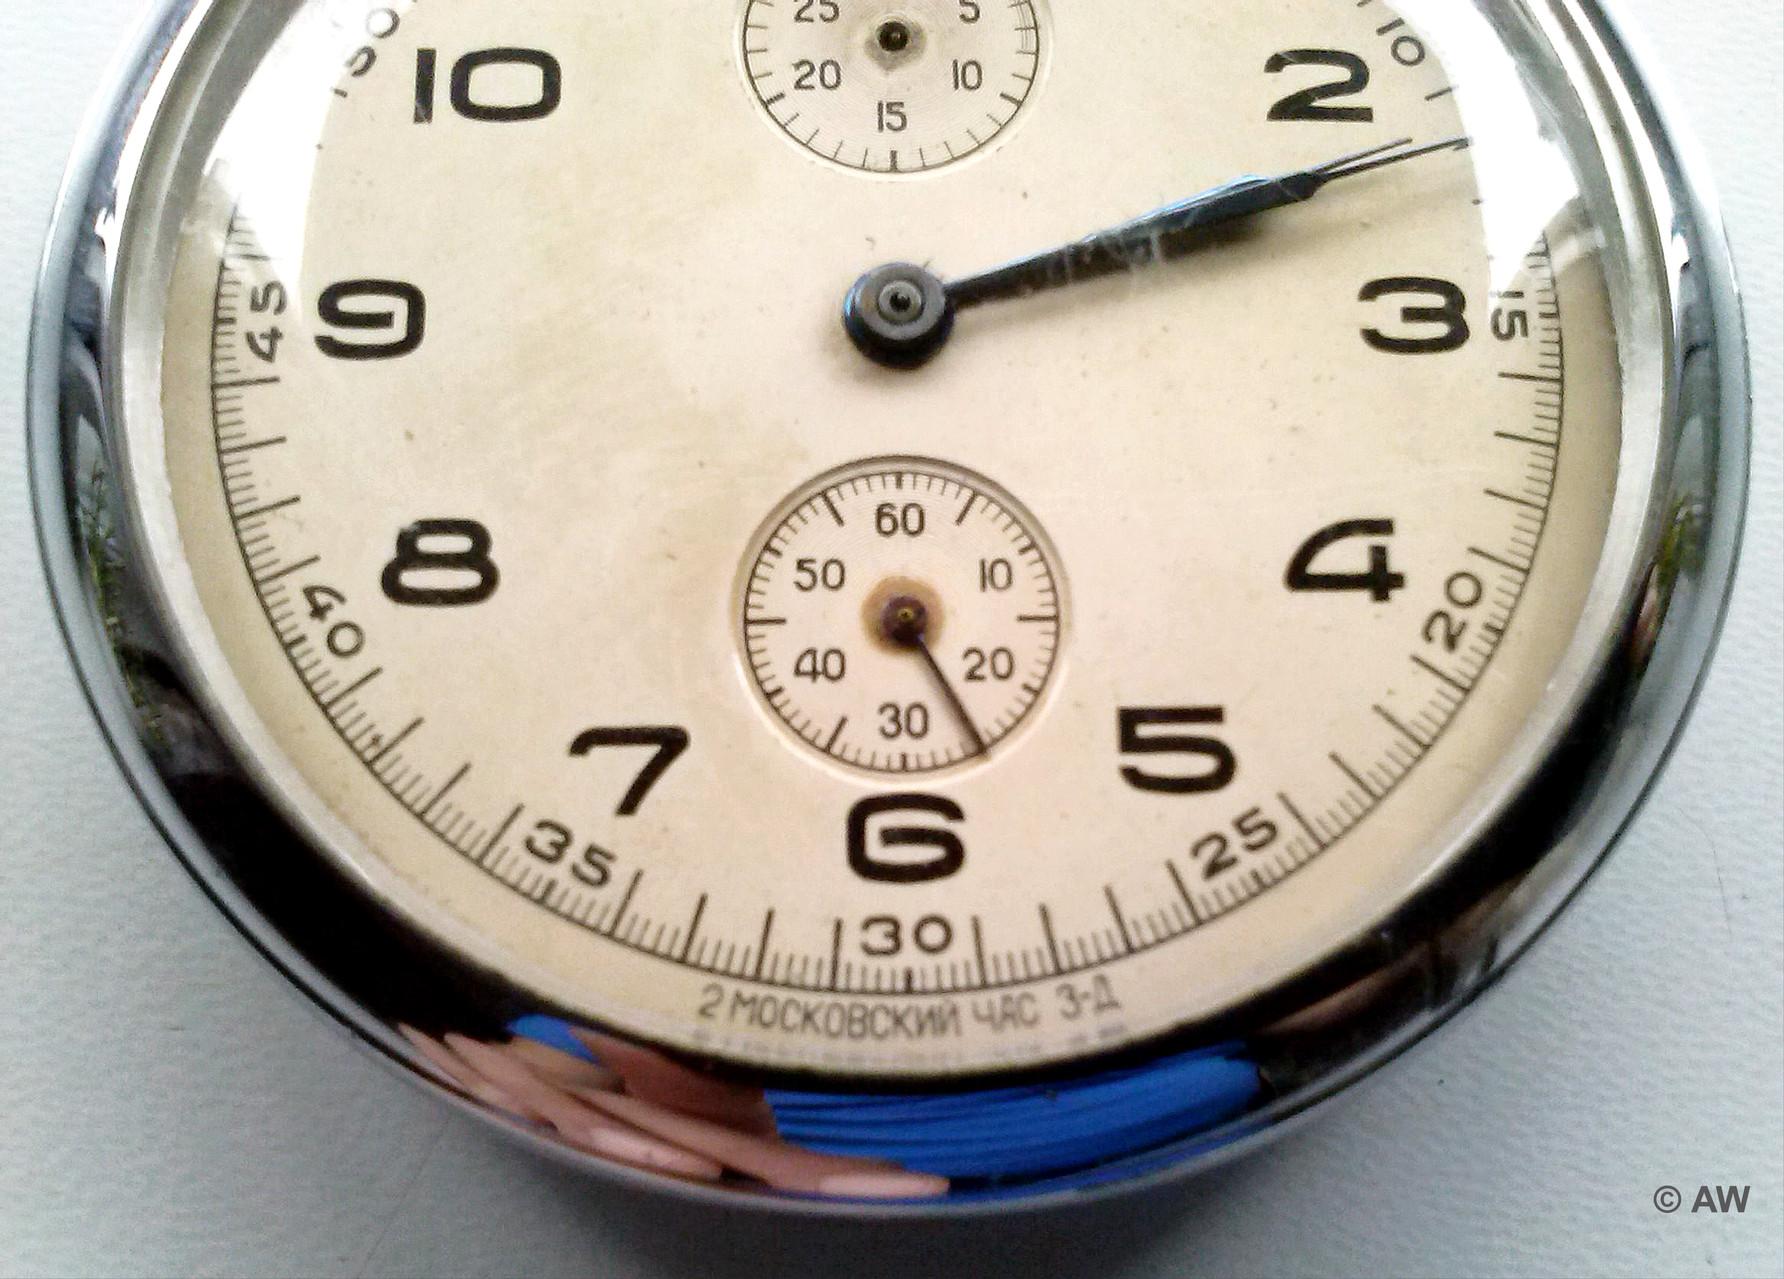 Zifferblattsignatur der 2. Moskauer Uhrenfabrik